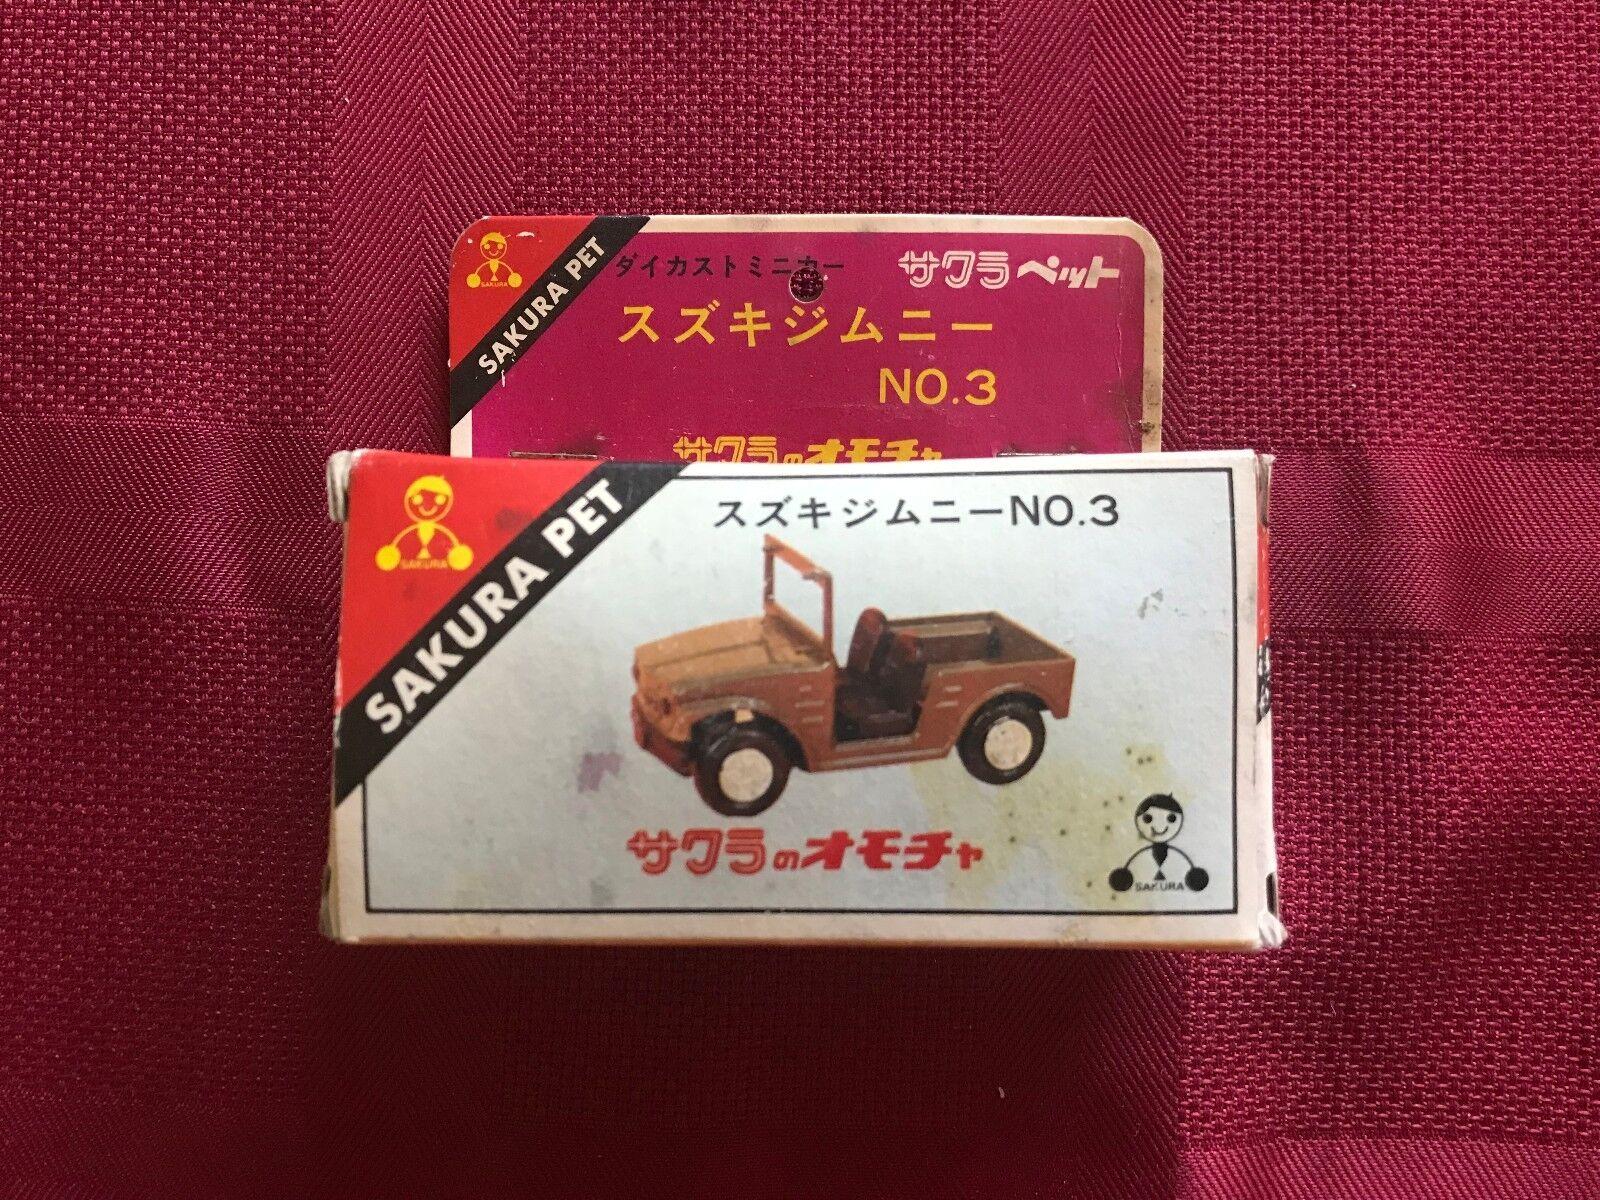 Sakura leksaker Pet Jeep No 3 Die Cast Bil japan 1970 s s ällsynta w   låda